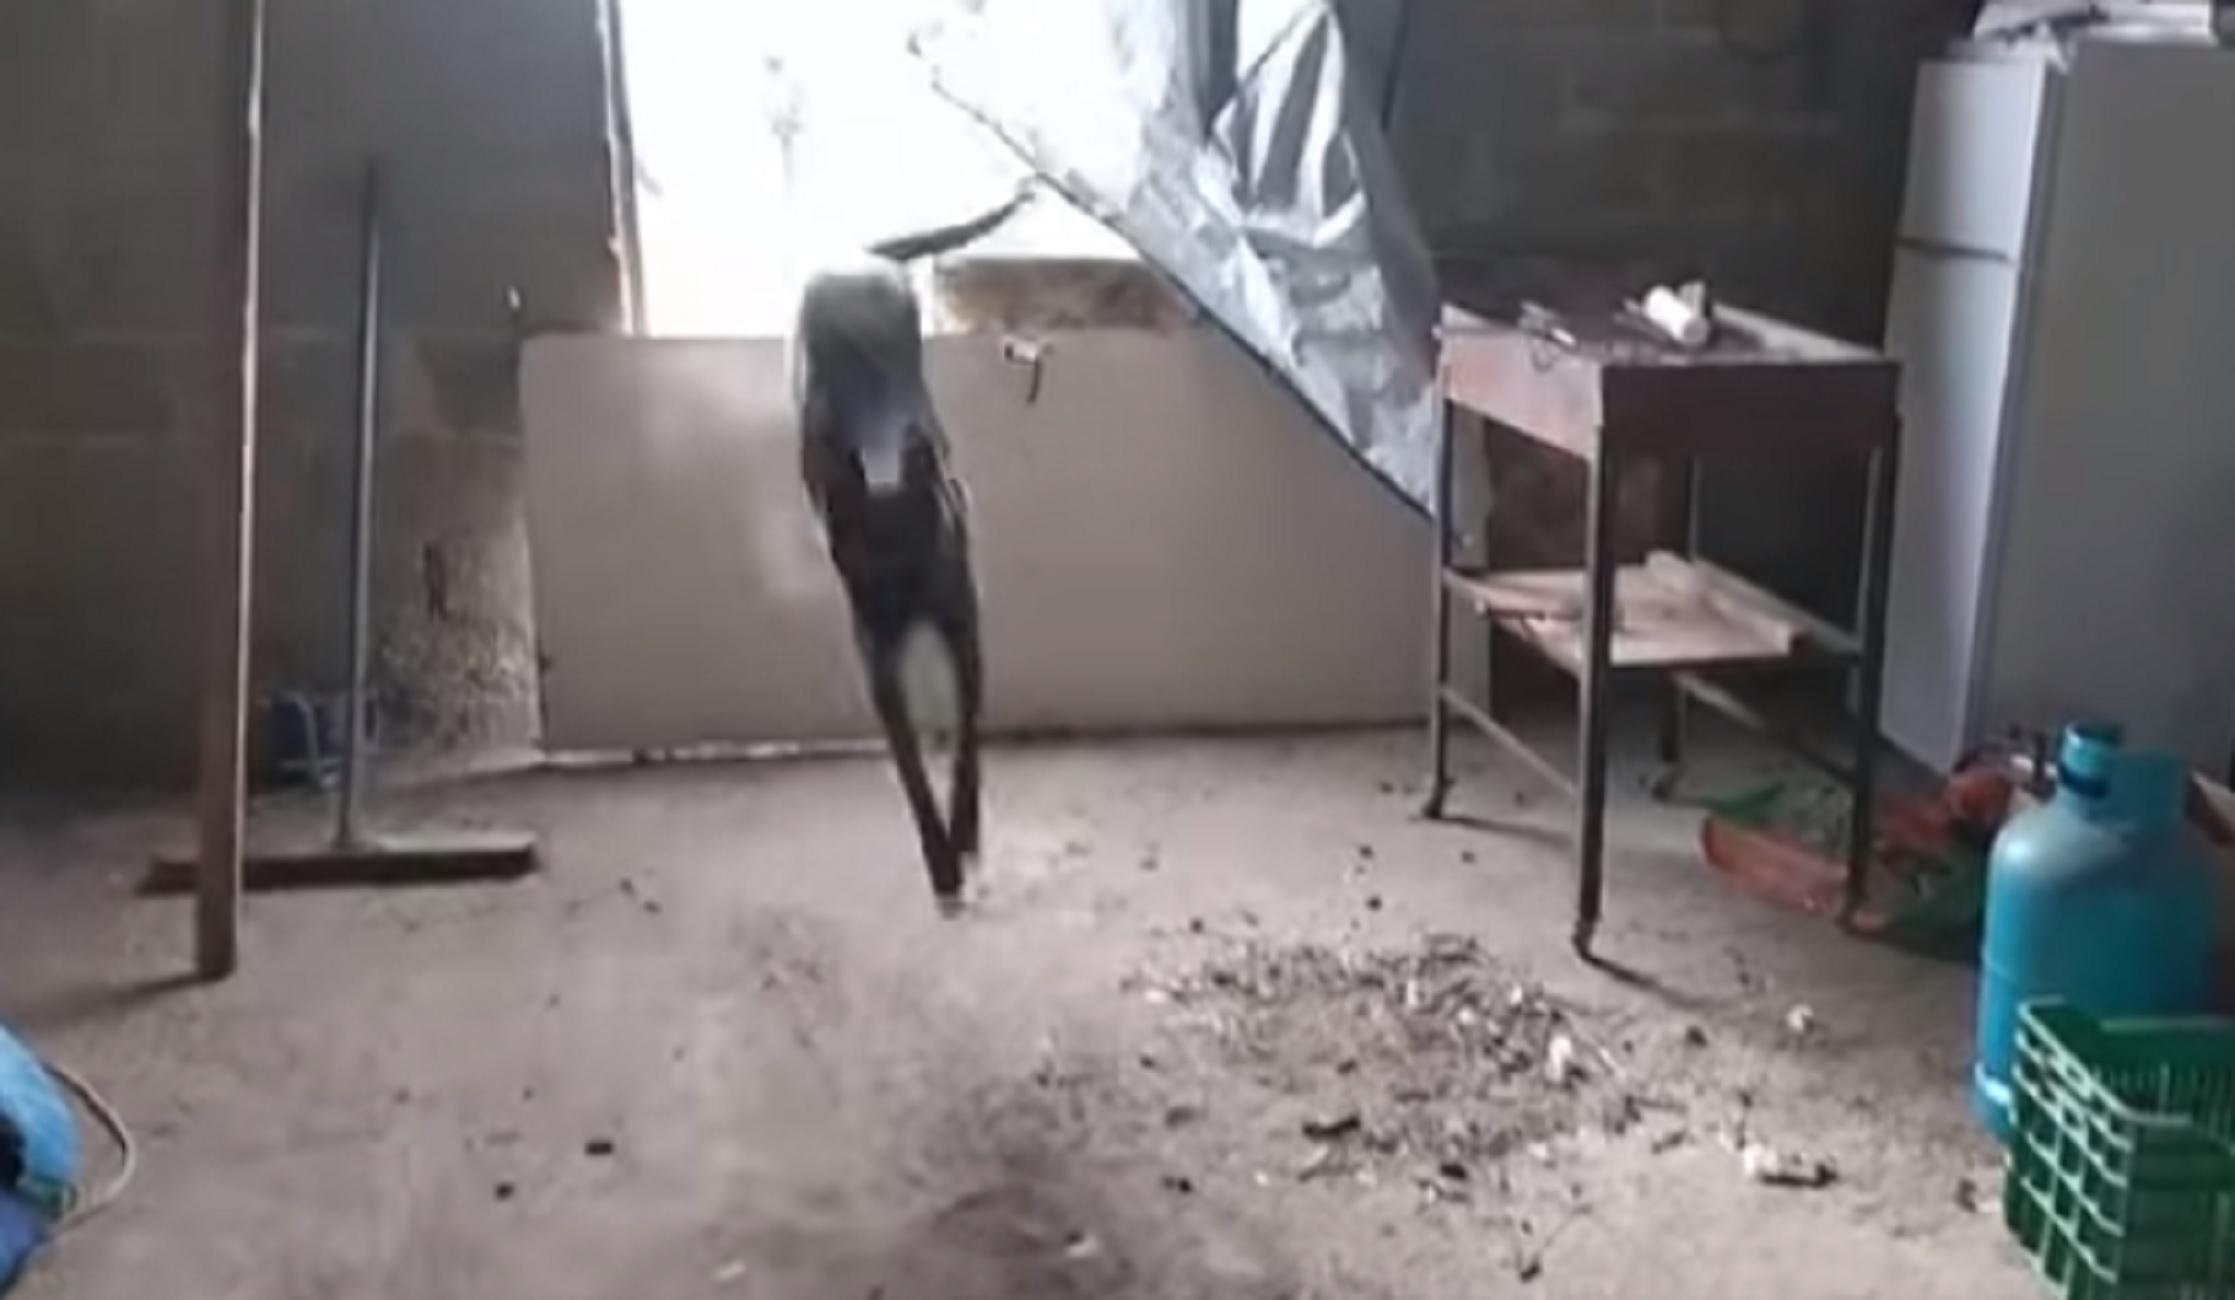 Κιλκίς: Ο αστυνομικός σκύλος εν δράσει μέσα σε αποθήκη – Δείτε το βίντεο των 67 δευτερολέπτων